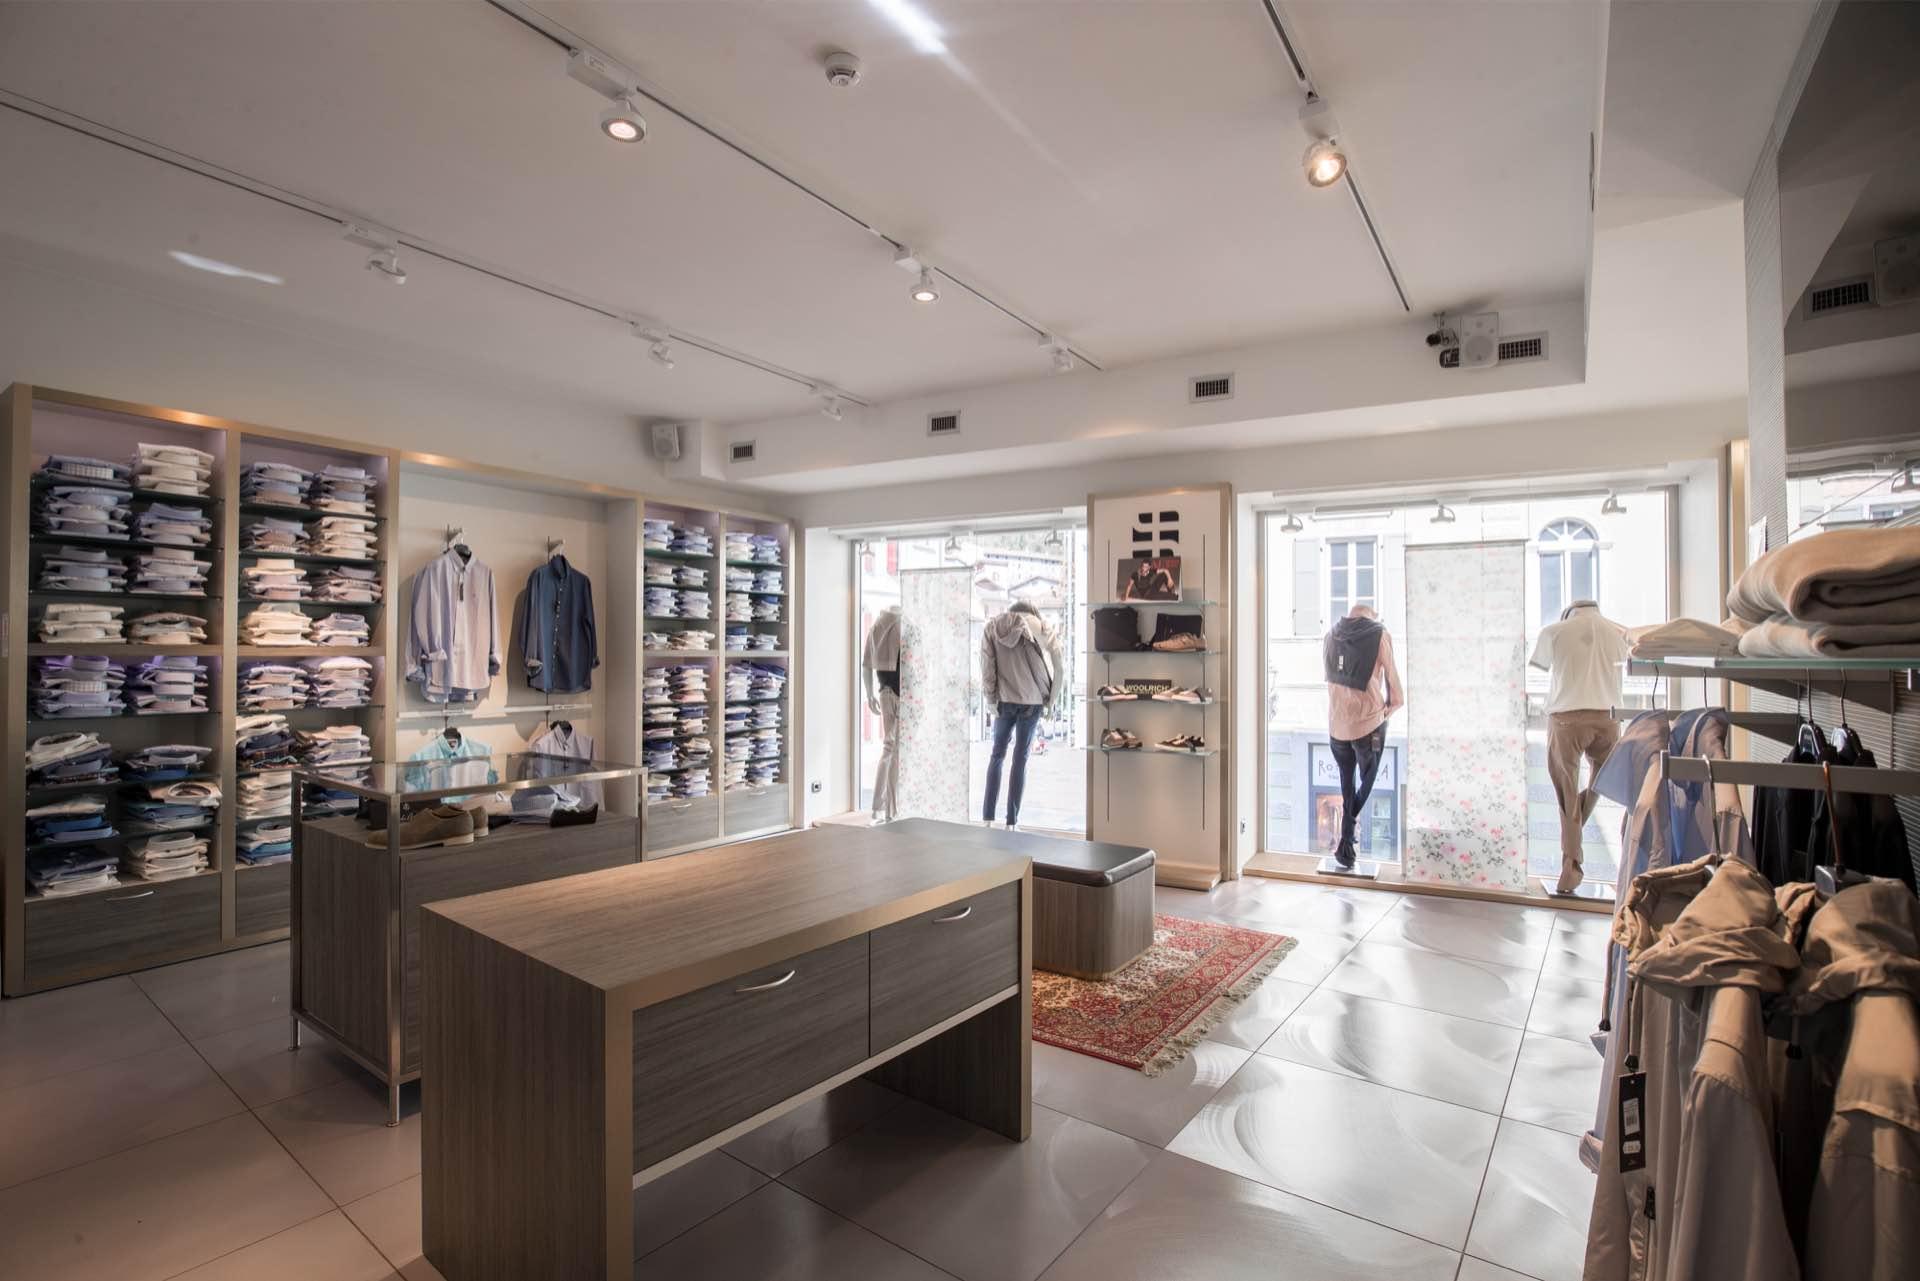 negozi trento fedrizzi moda abbigliamento scarpe accessori